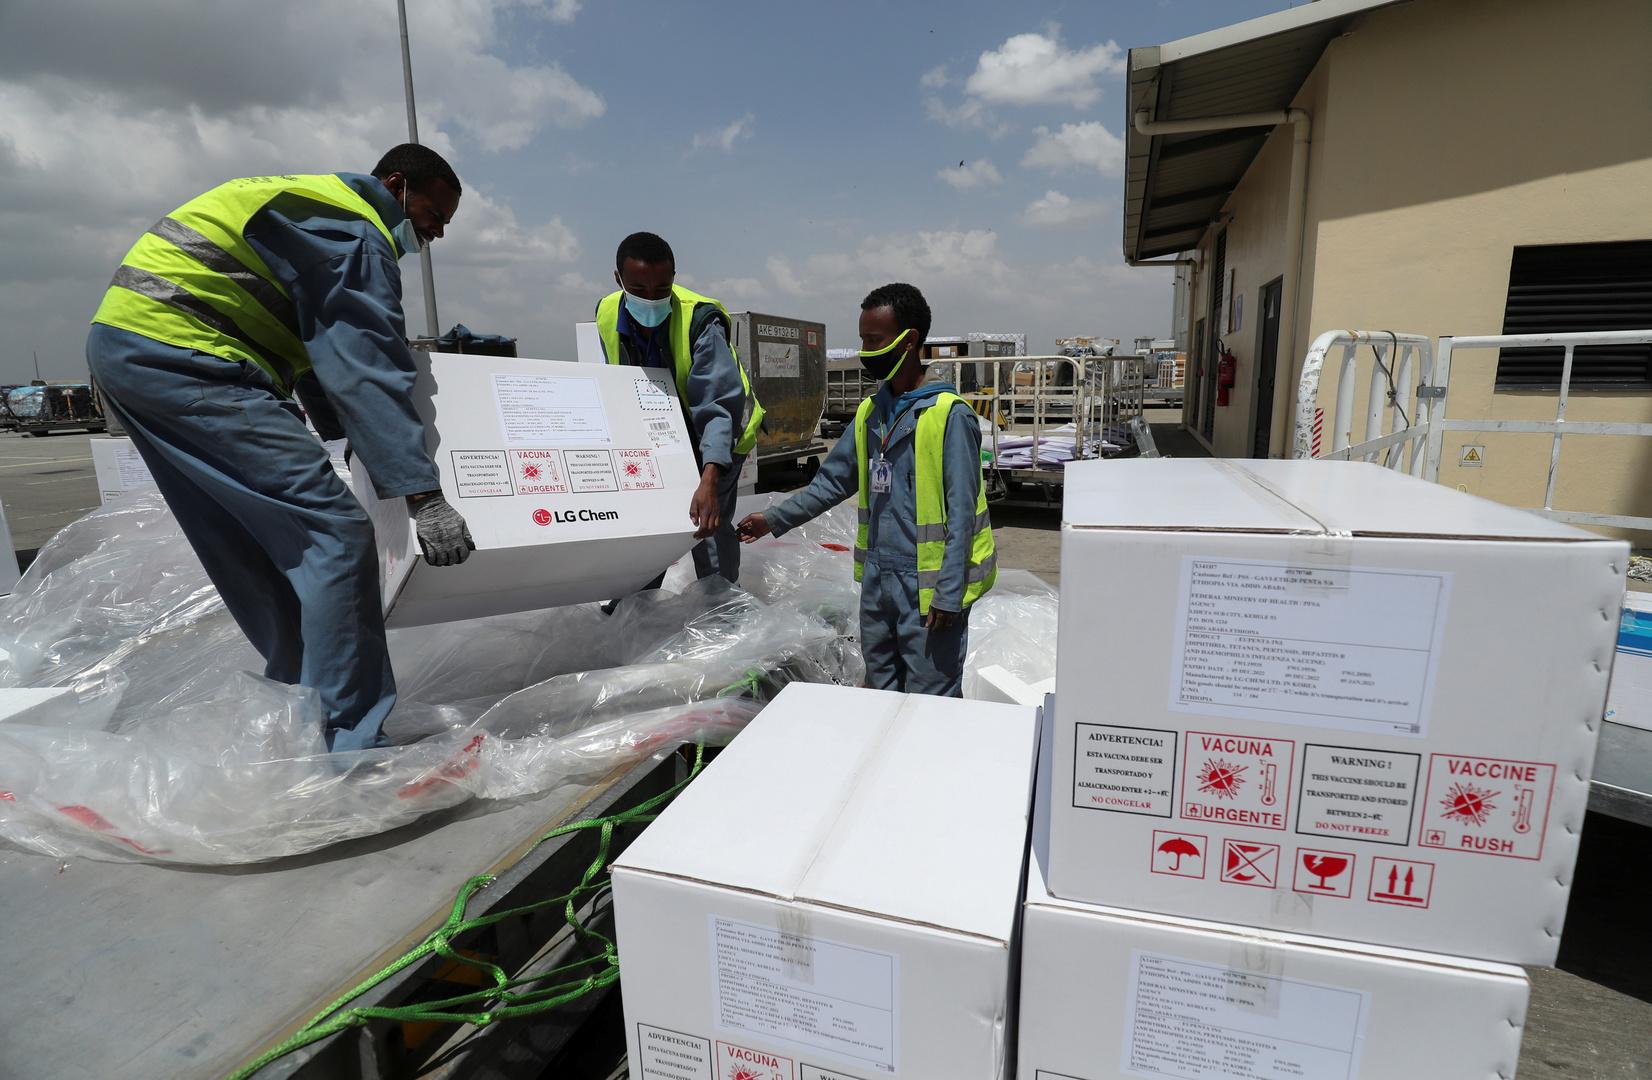 4 ملايين يورو لمساعدة اللاجئين الإثيوبيين